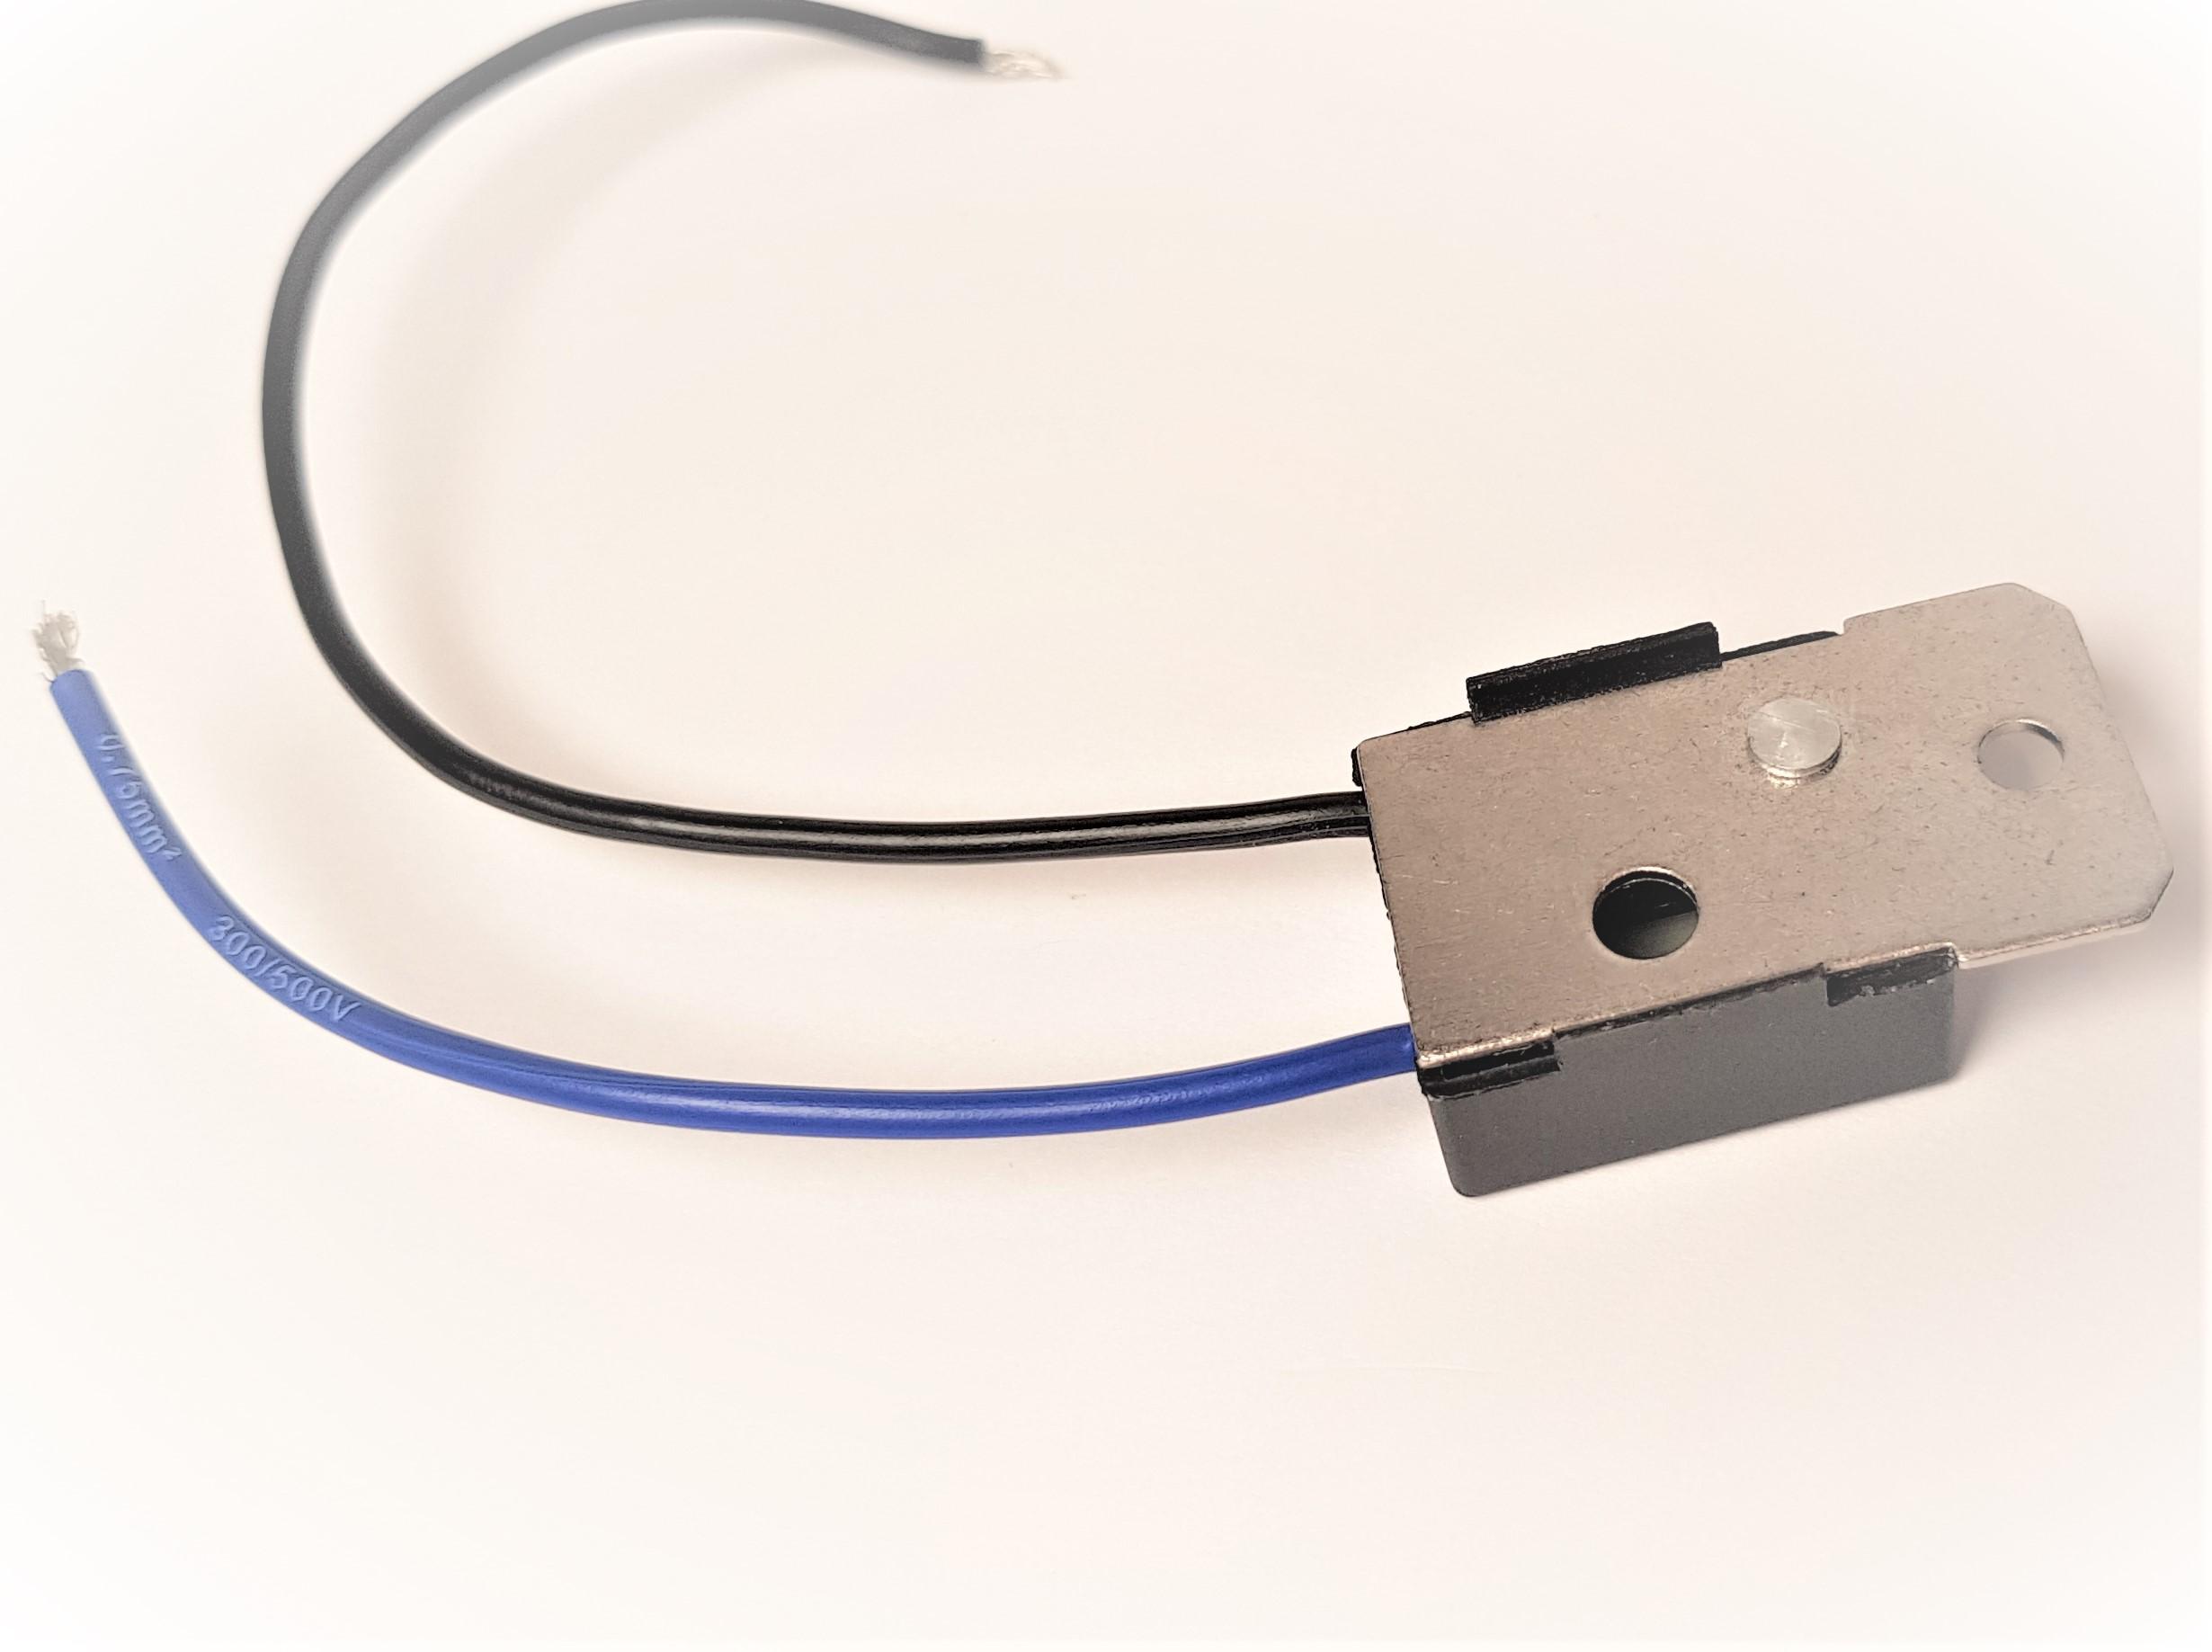 20A Sanftanlauf für Elektrowerkzeuge zb. Tischkreissägen 230V